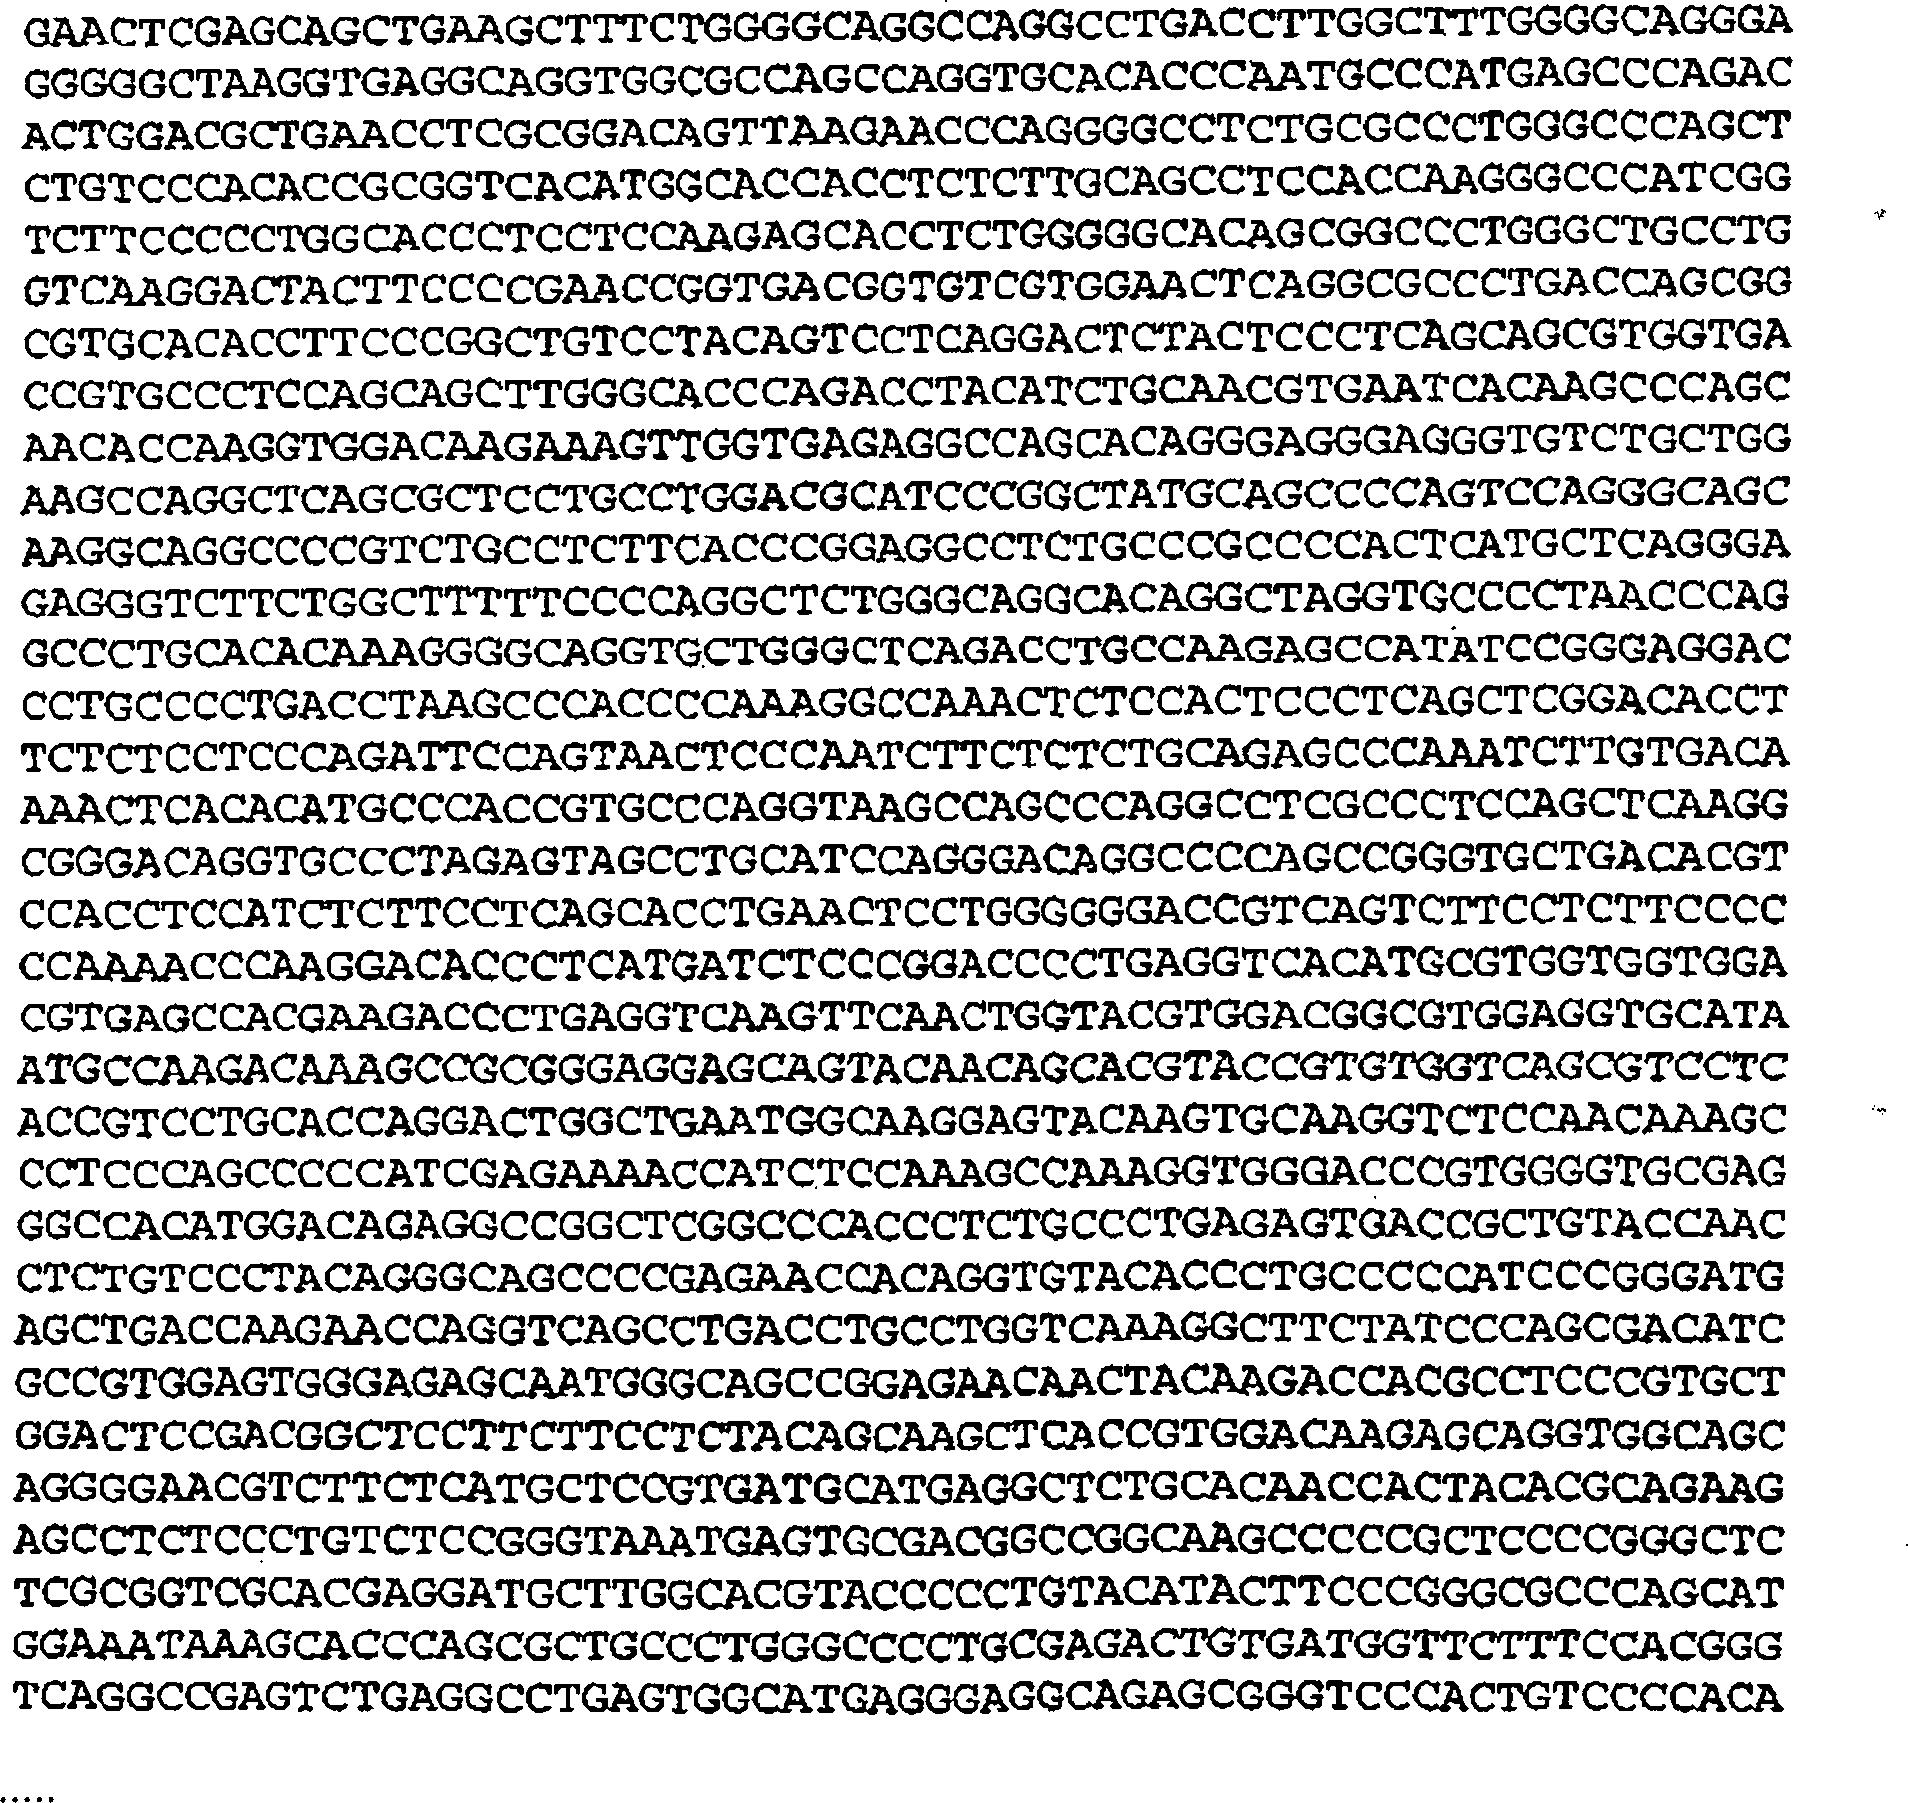 májrák def condyloma acuminata irodalom